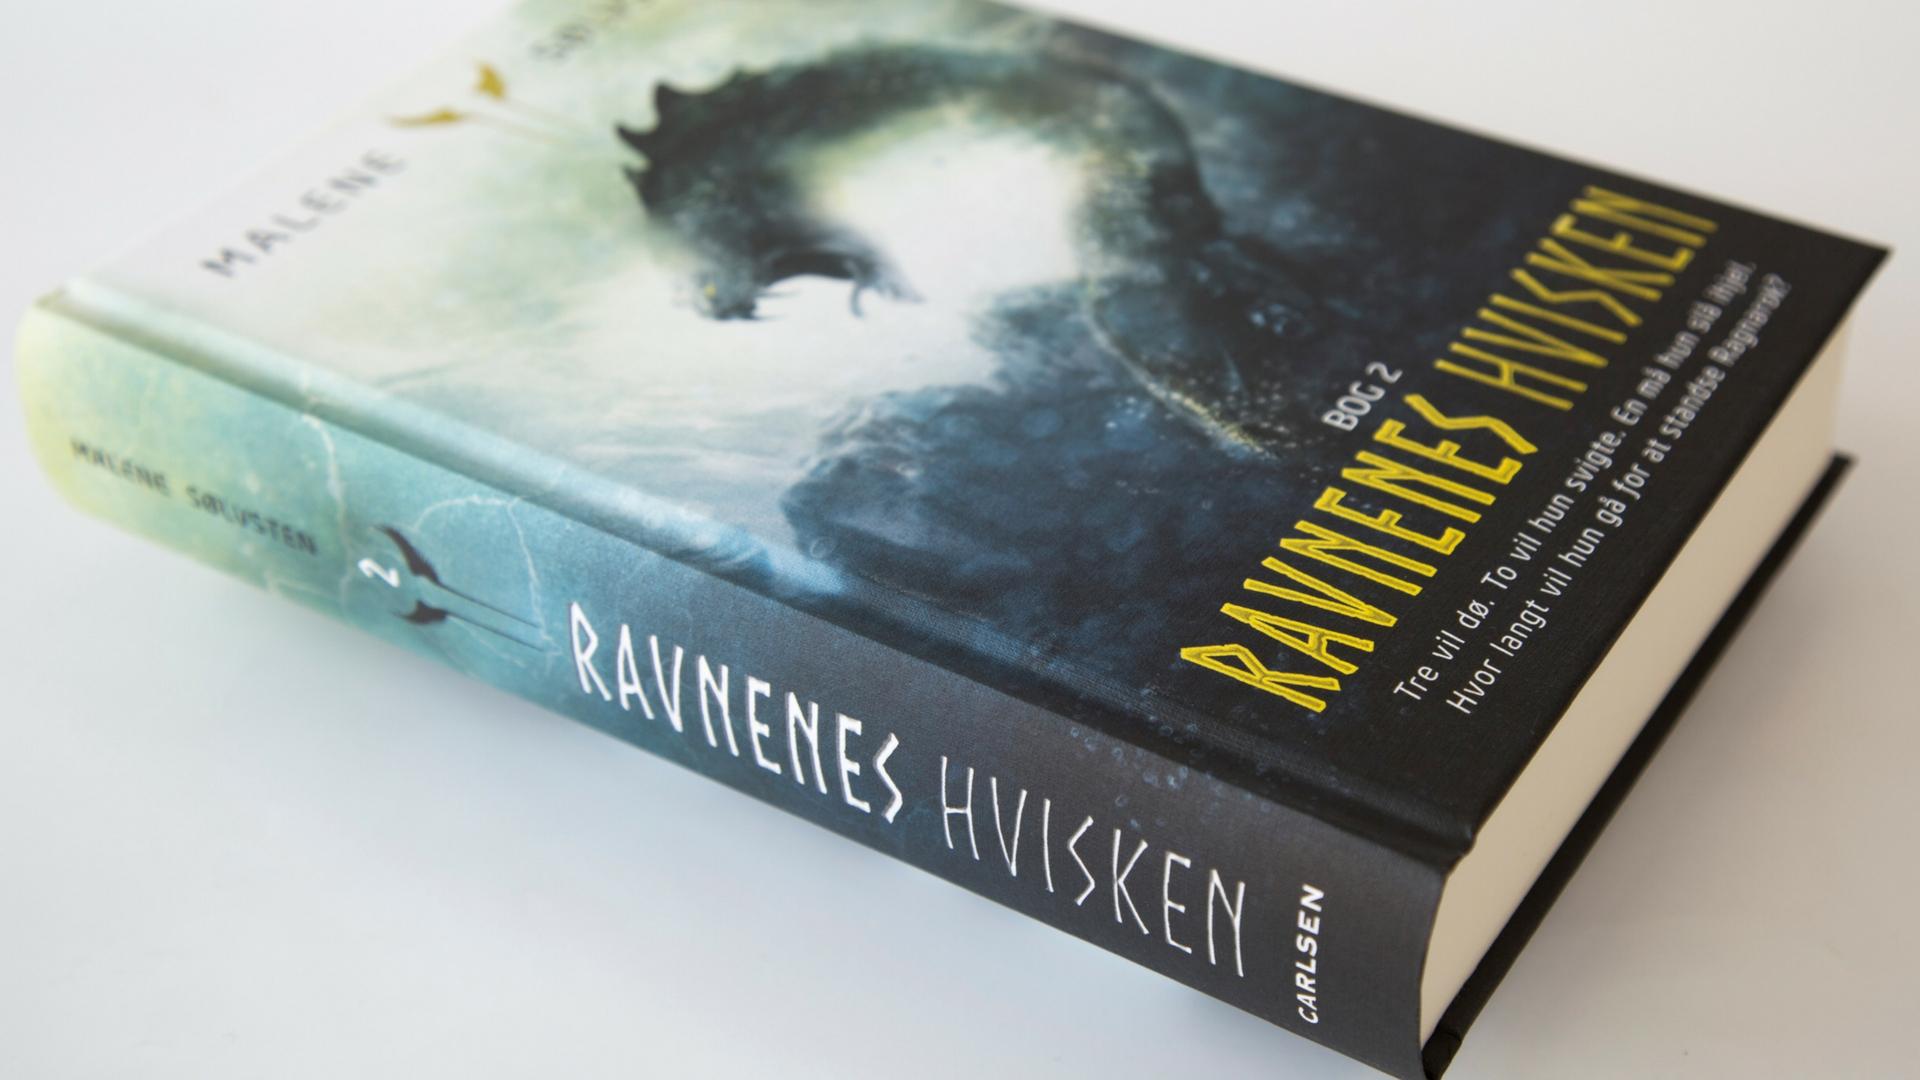 Ravnenes hvisken, Malene Sølvsten, Fantasy, fantasybøger